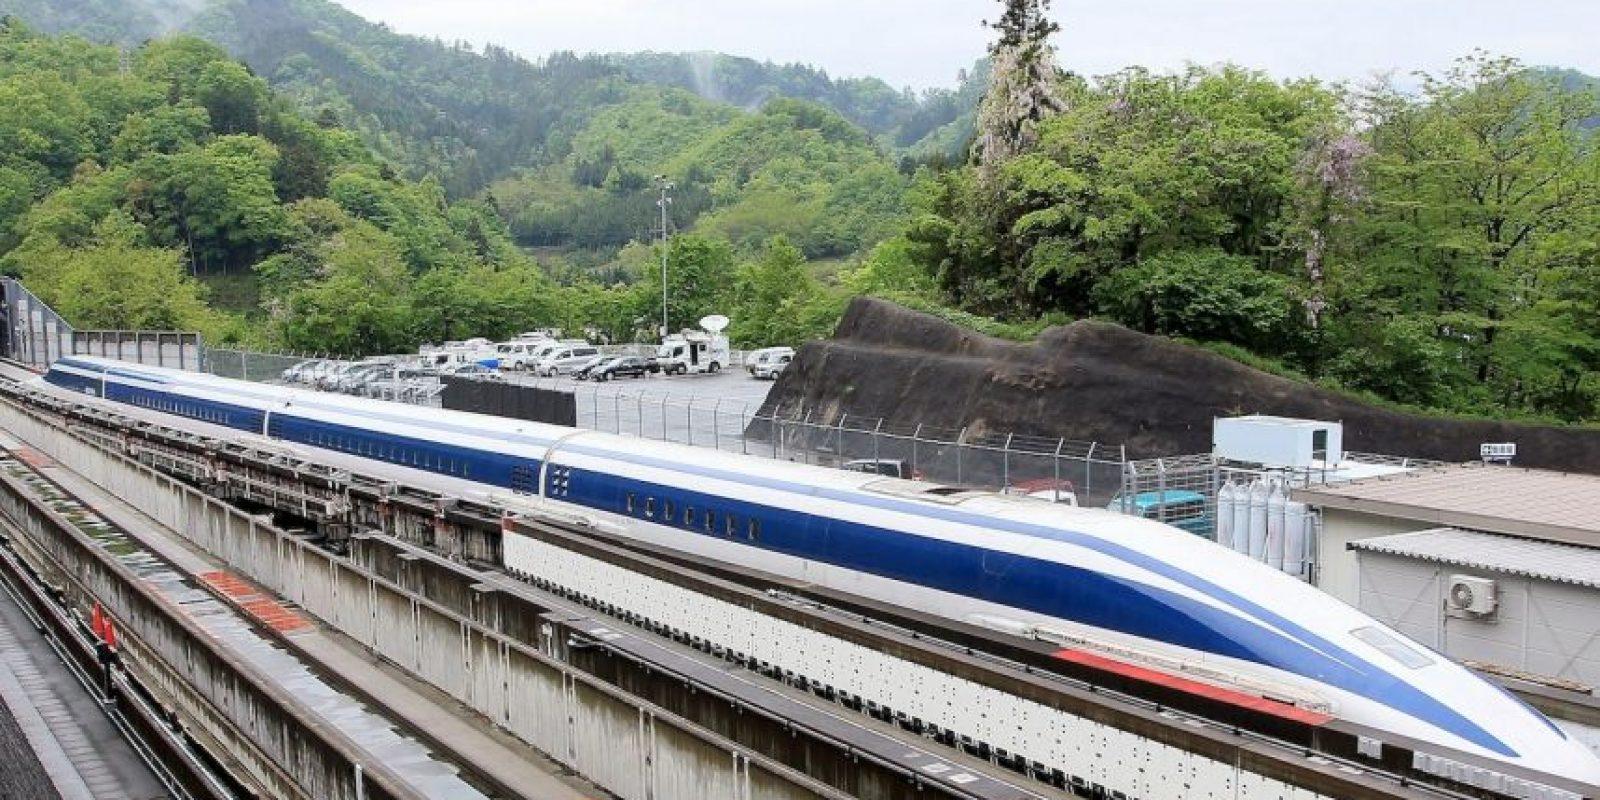 Para 2045, el transporte espera unir la capital con Osaka en apenas una hora y siete minutos, la mitad de lo actual. Foto:AFP